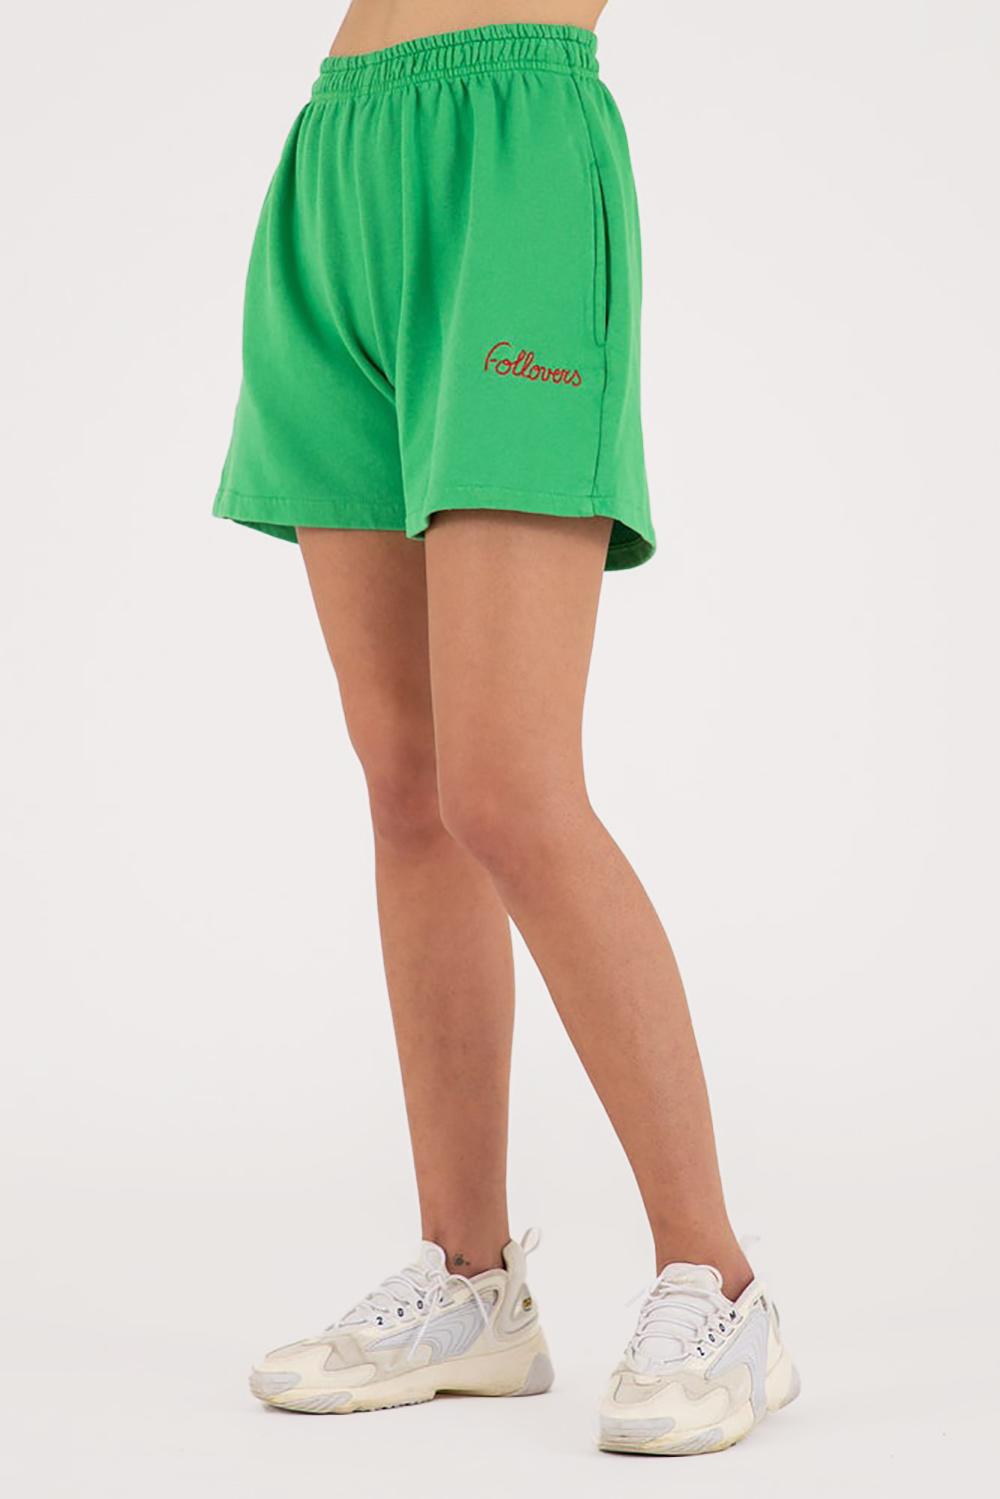 Follovers short Kendall groen